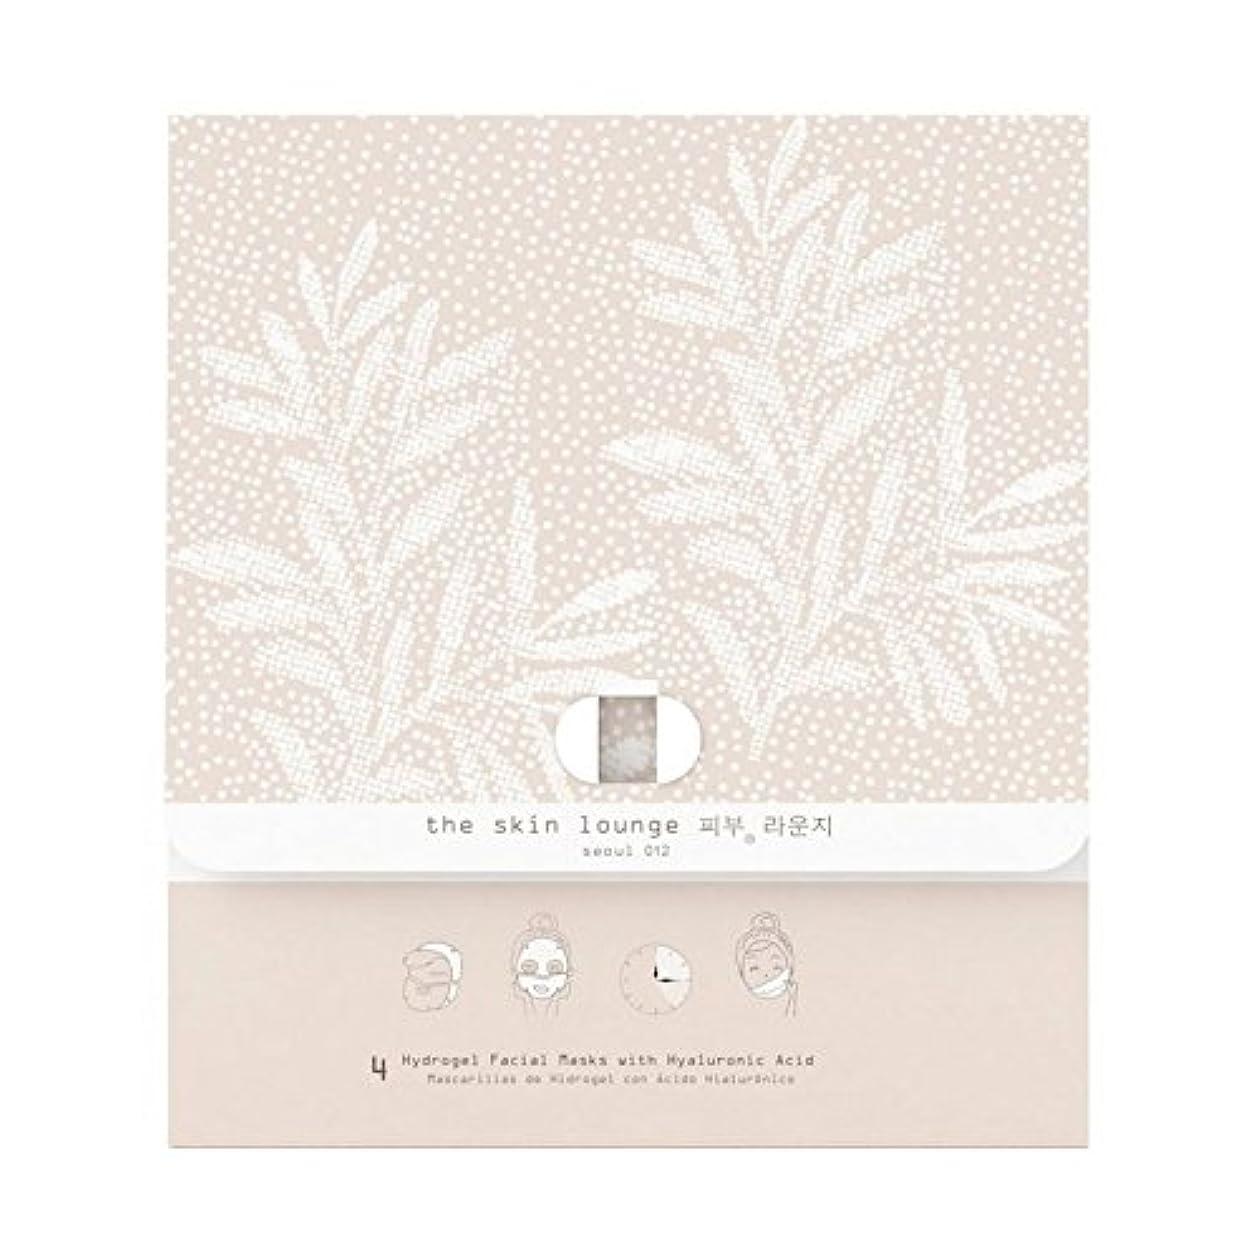 エピソードニックネームオーバーラン4の皮膚ラウンジヒドロゲルヘクタールパック x4 - The Skin Lounge Hydrogel HA Pack of 4 (Pack of 4) [並行輸入品]